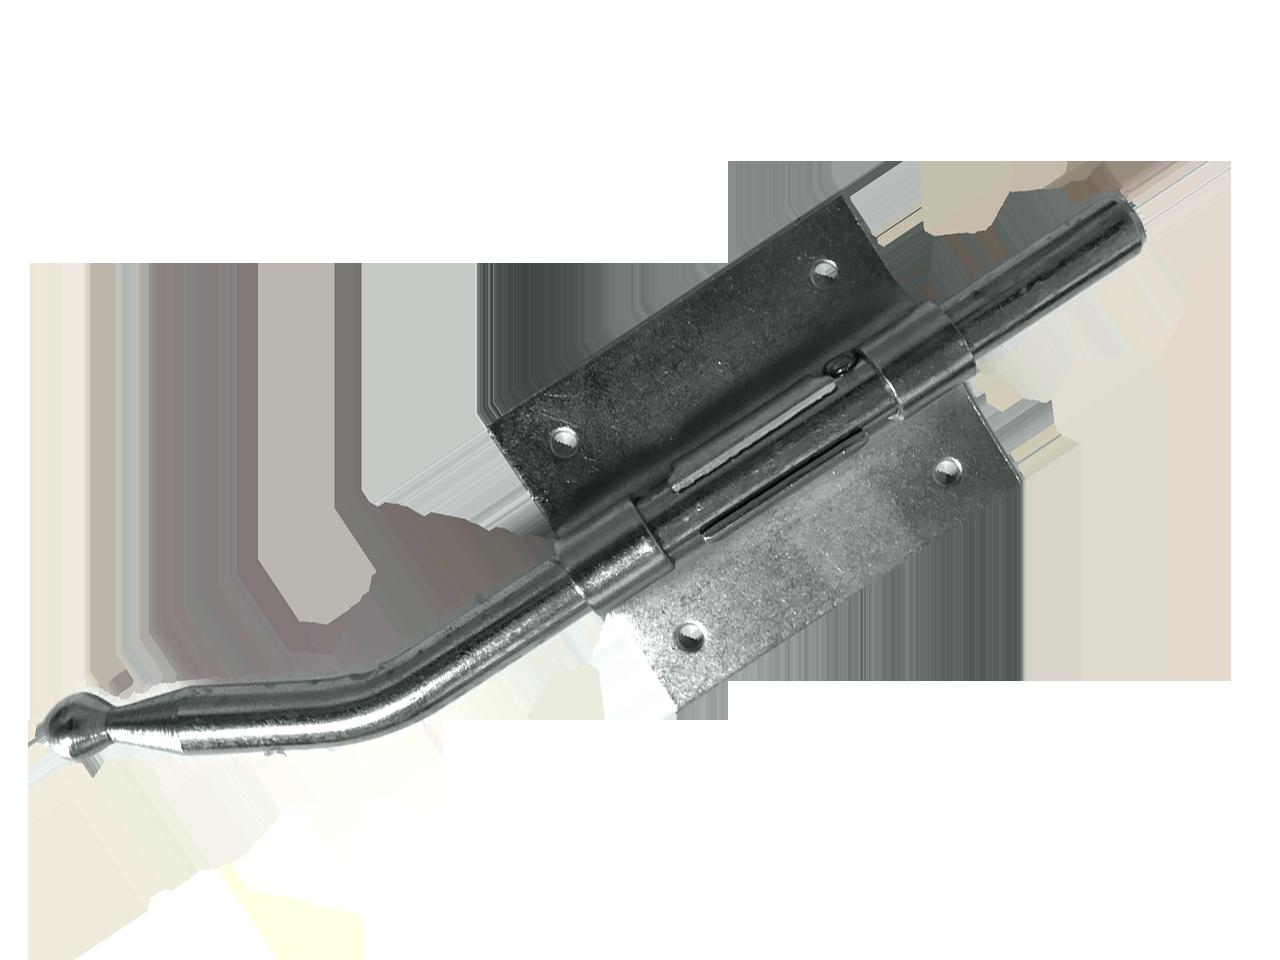 Bolt bayonet